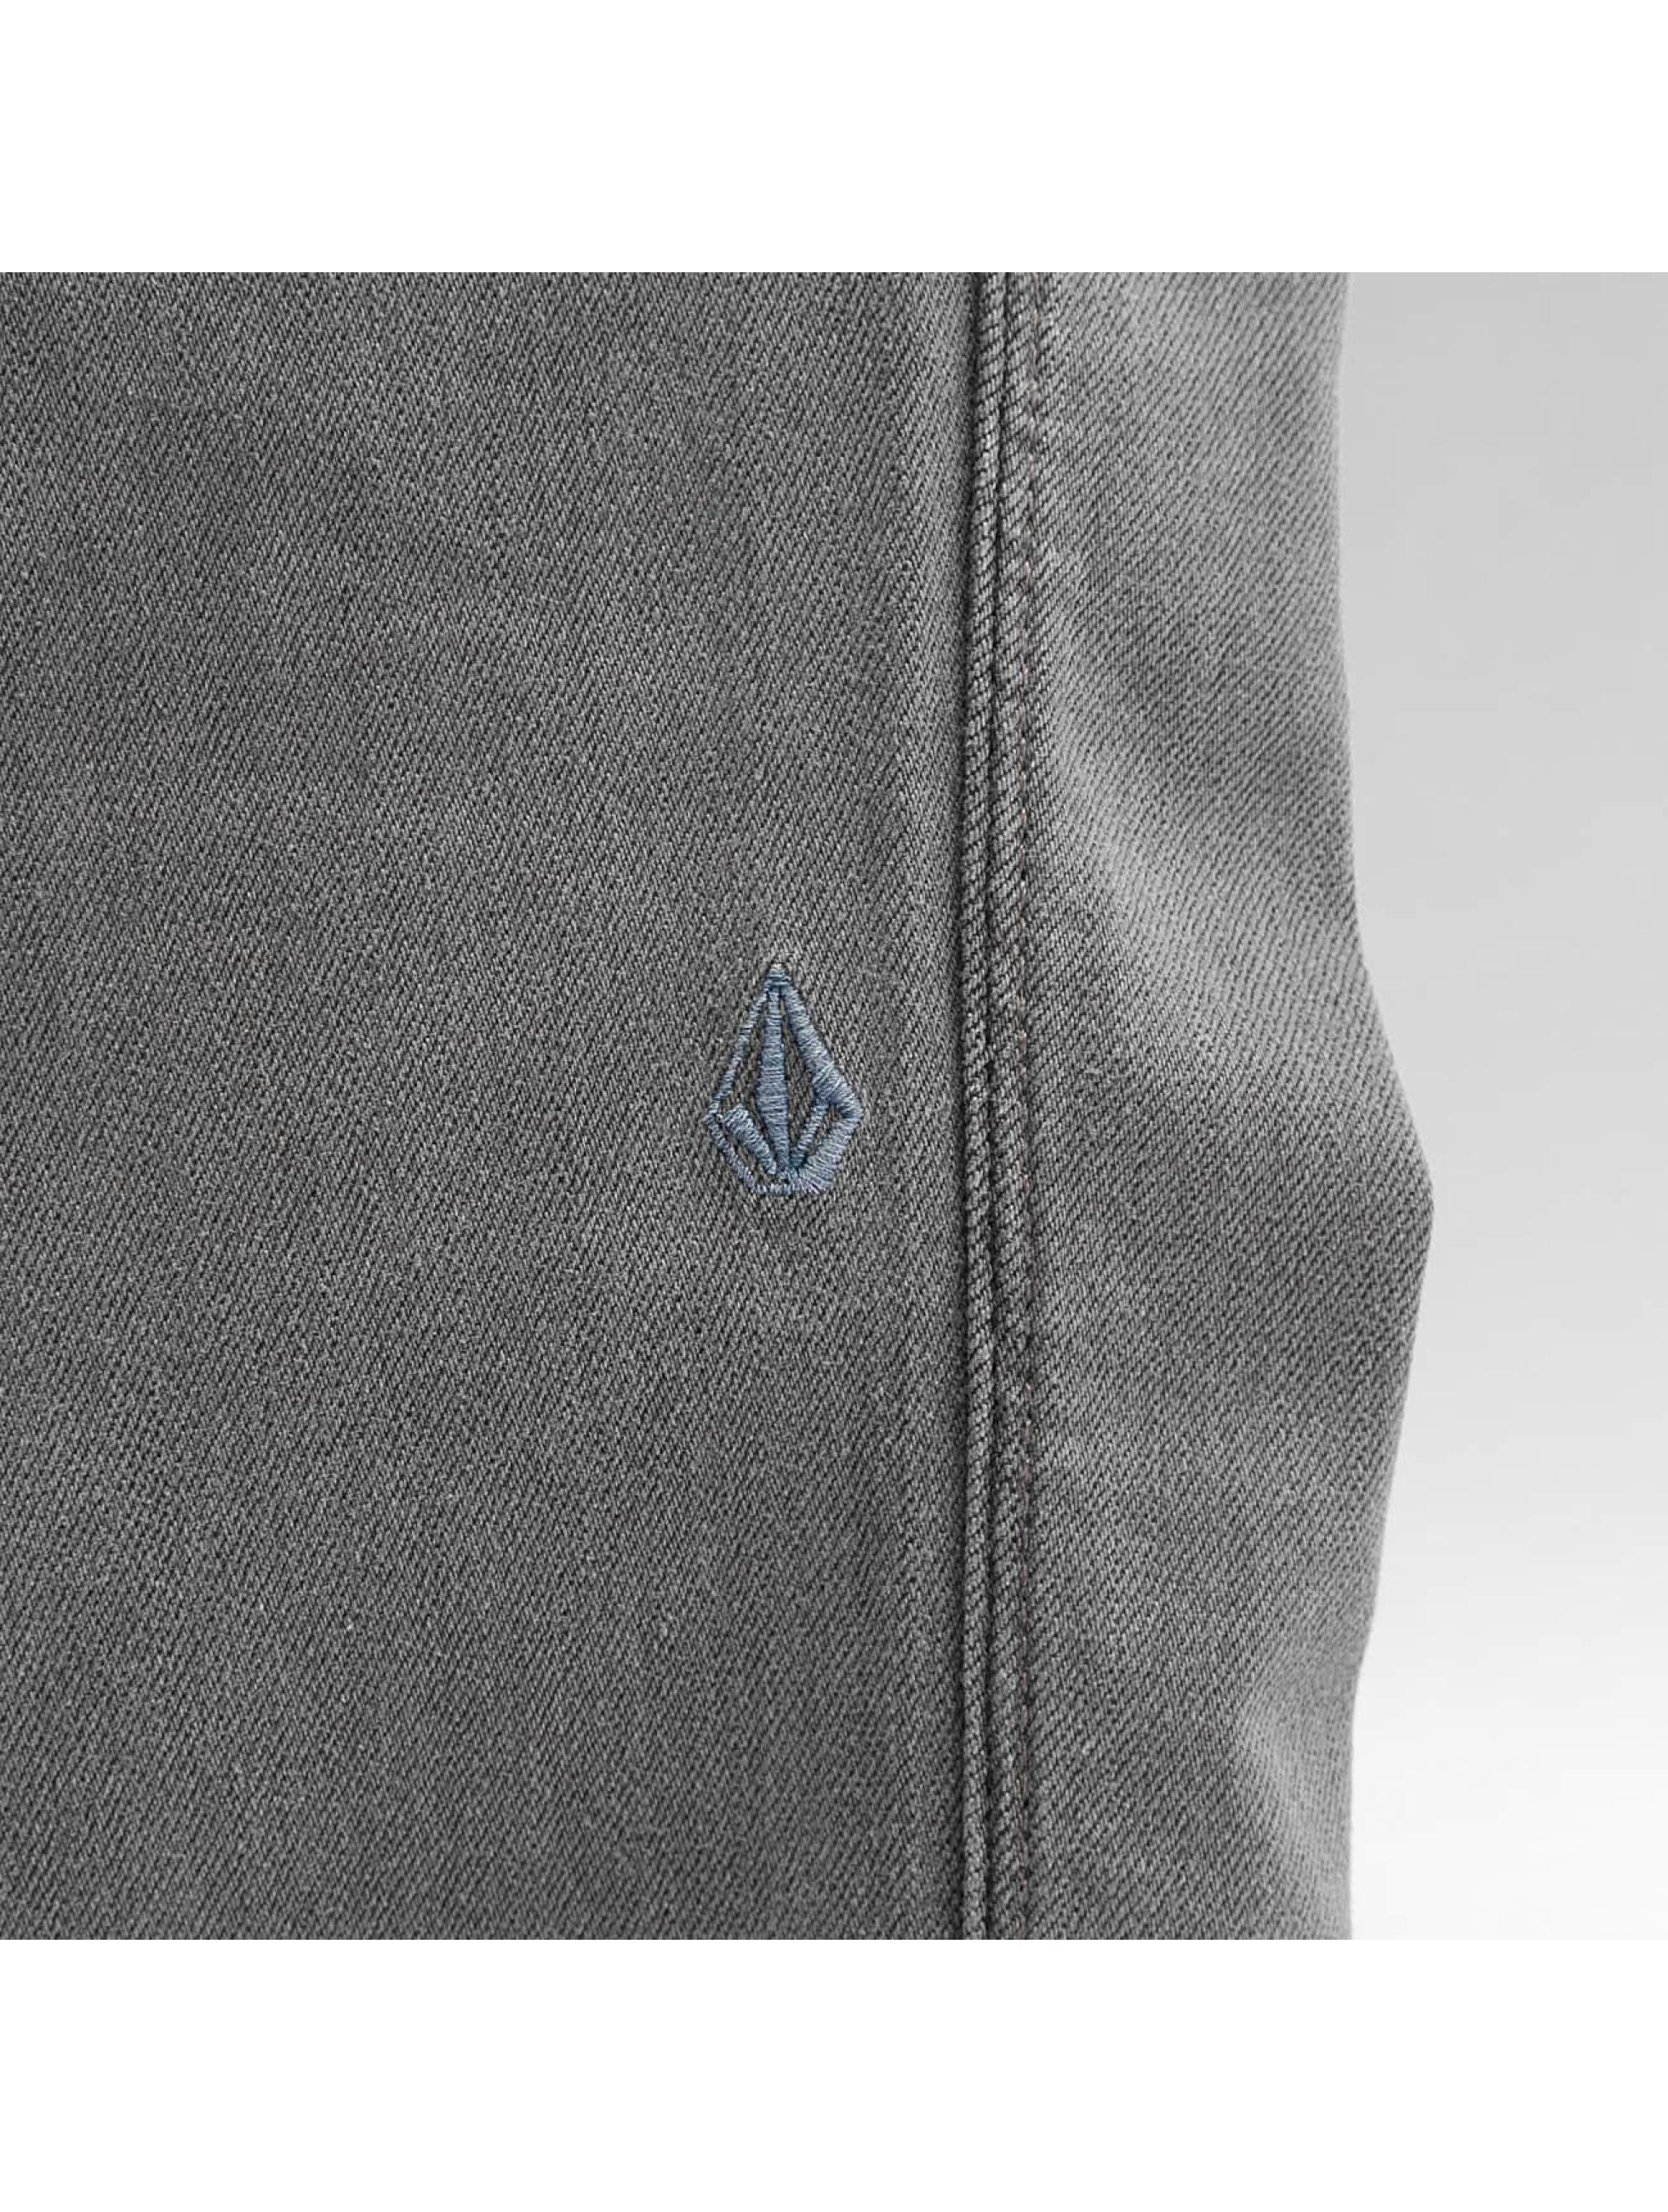 Volcom Облегающие джинсы 2x4 Denim серый